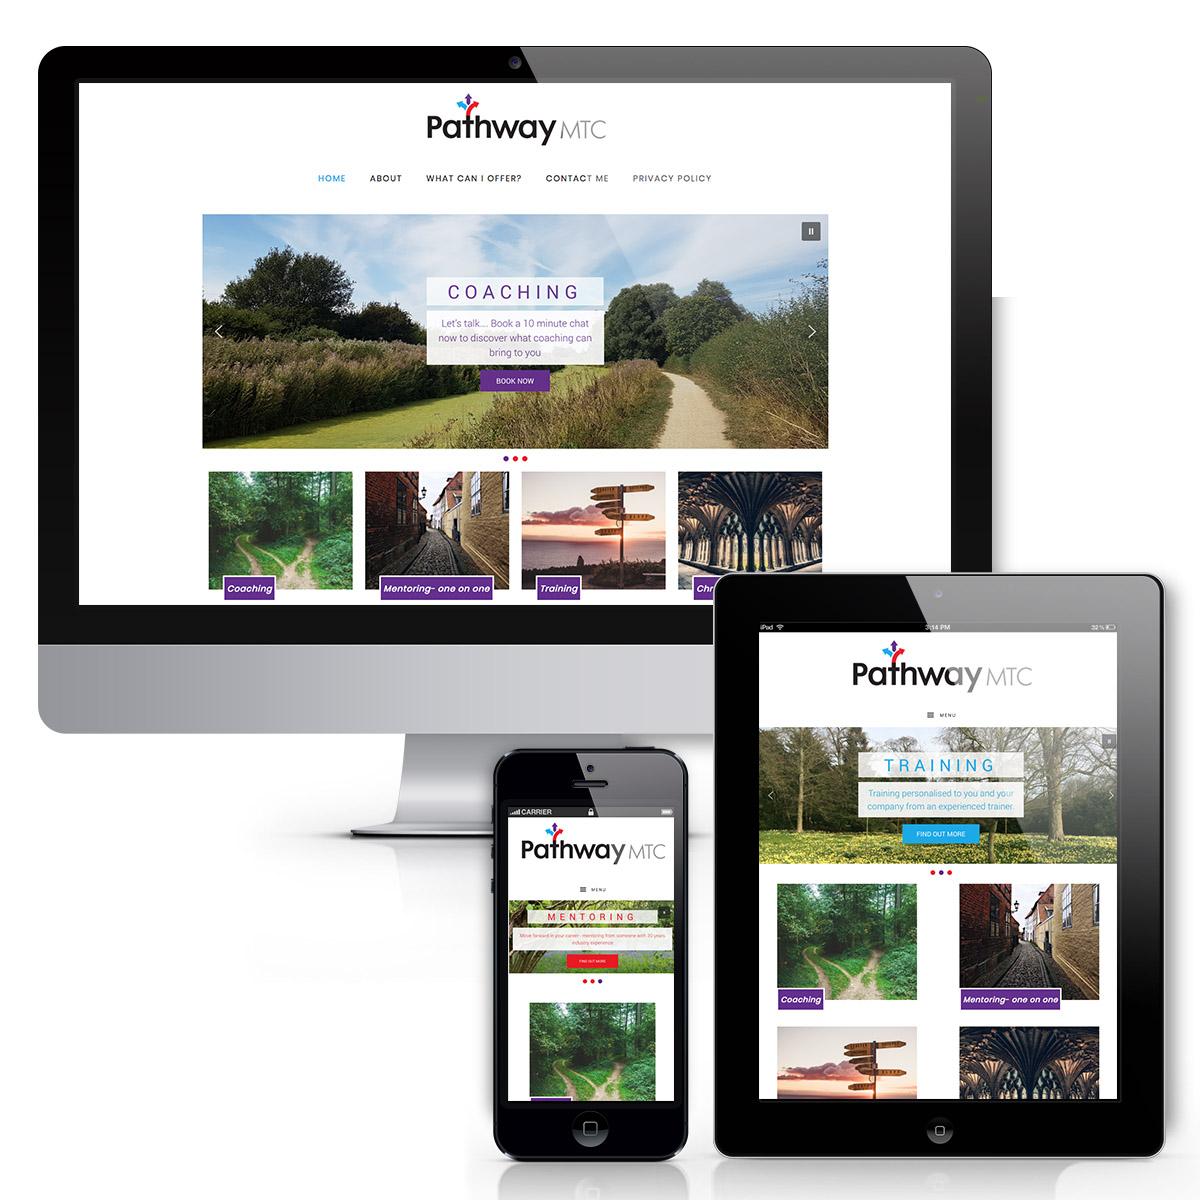 Pathway MTC responsive Website design